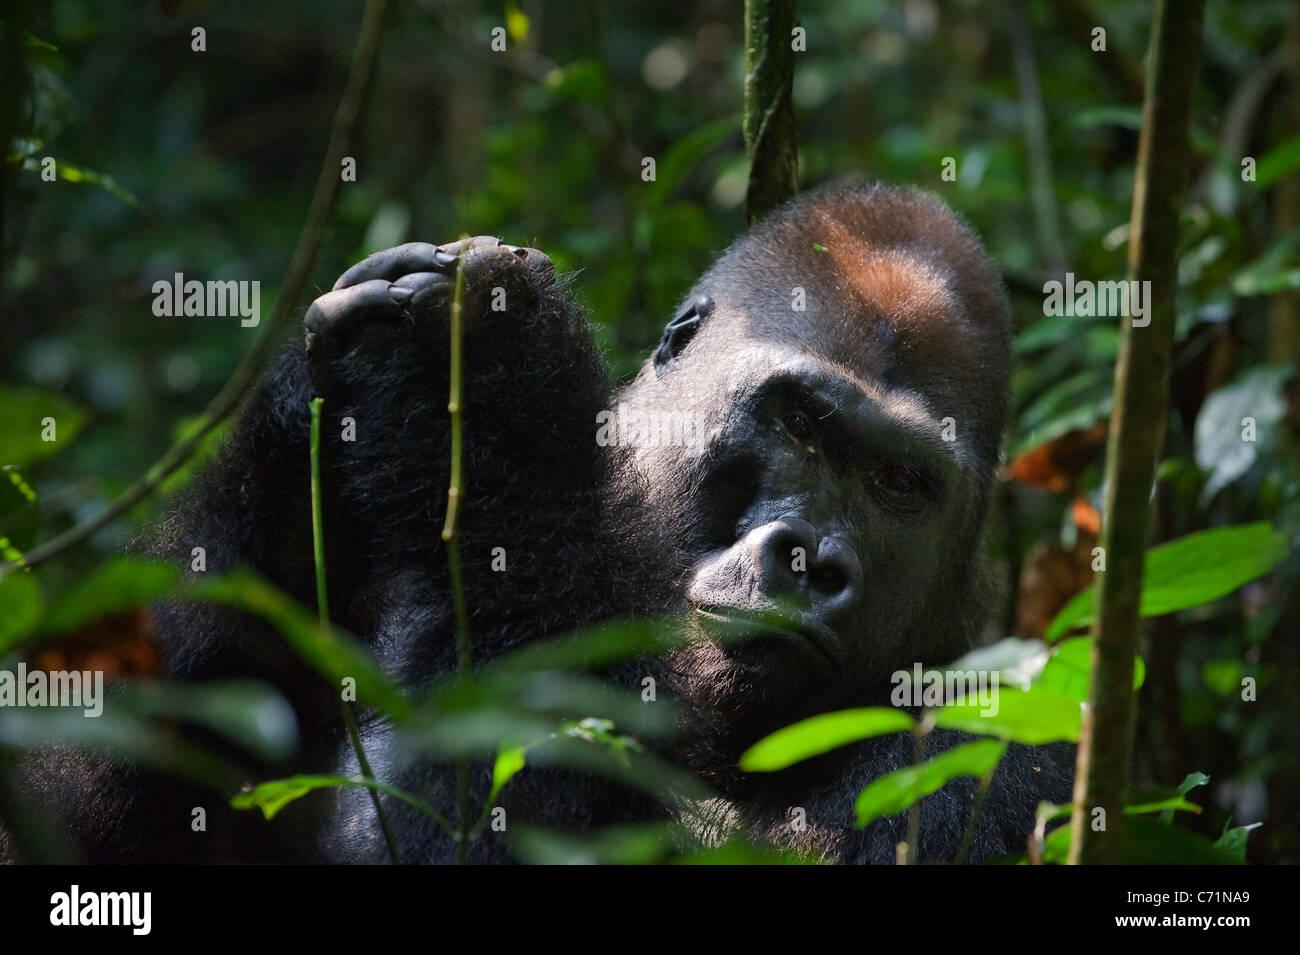 Silberrücken - Männchen eines Gorillas. Westlicher Flachlandgorilla. Stockbild